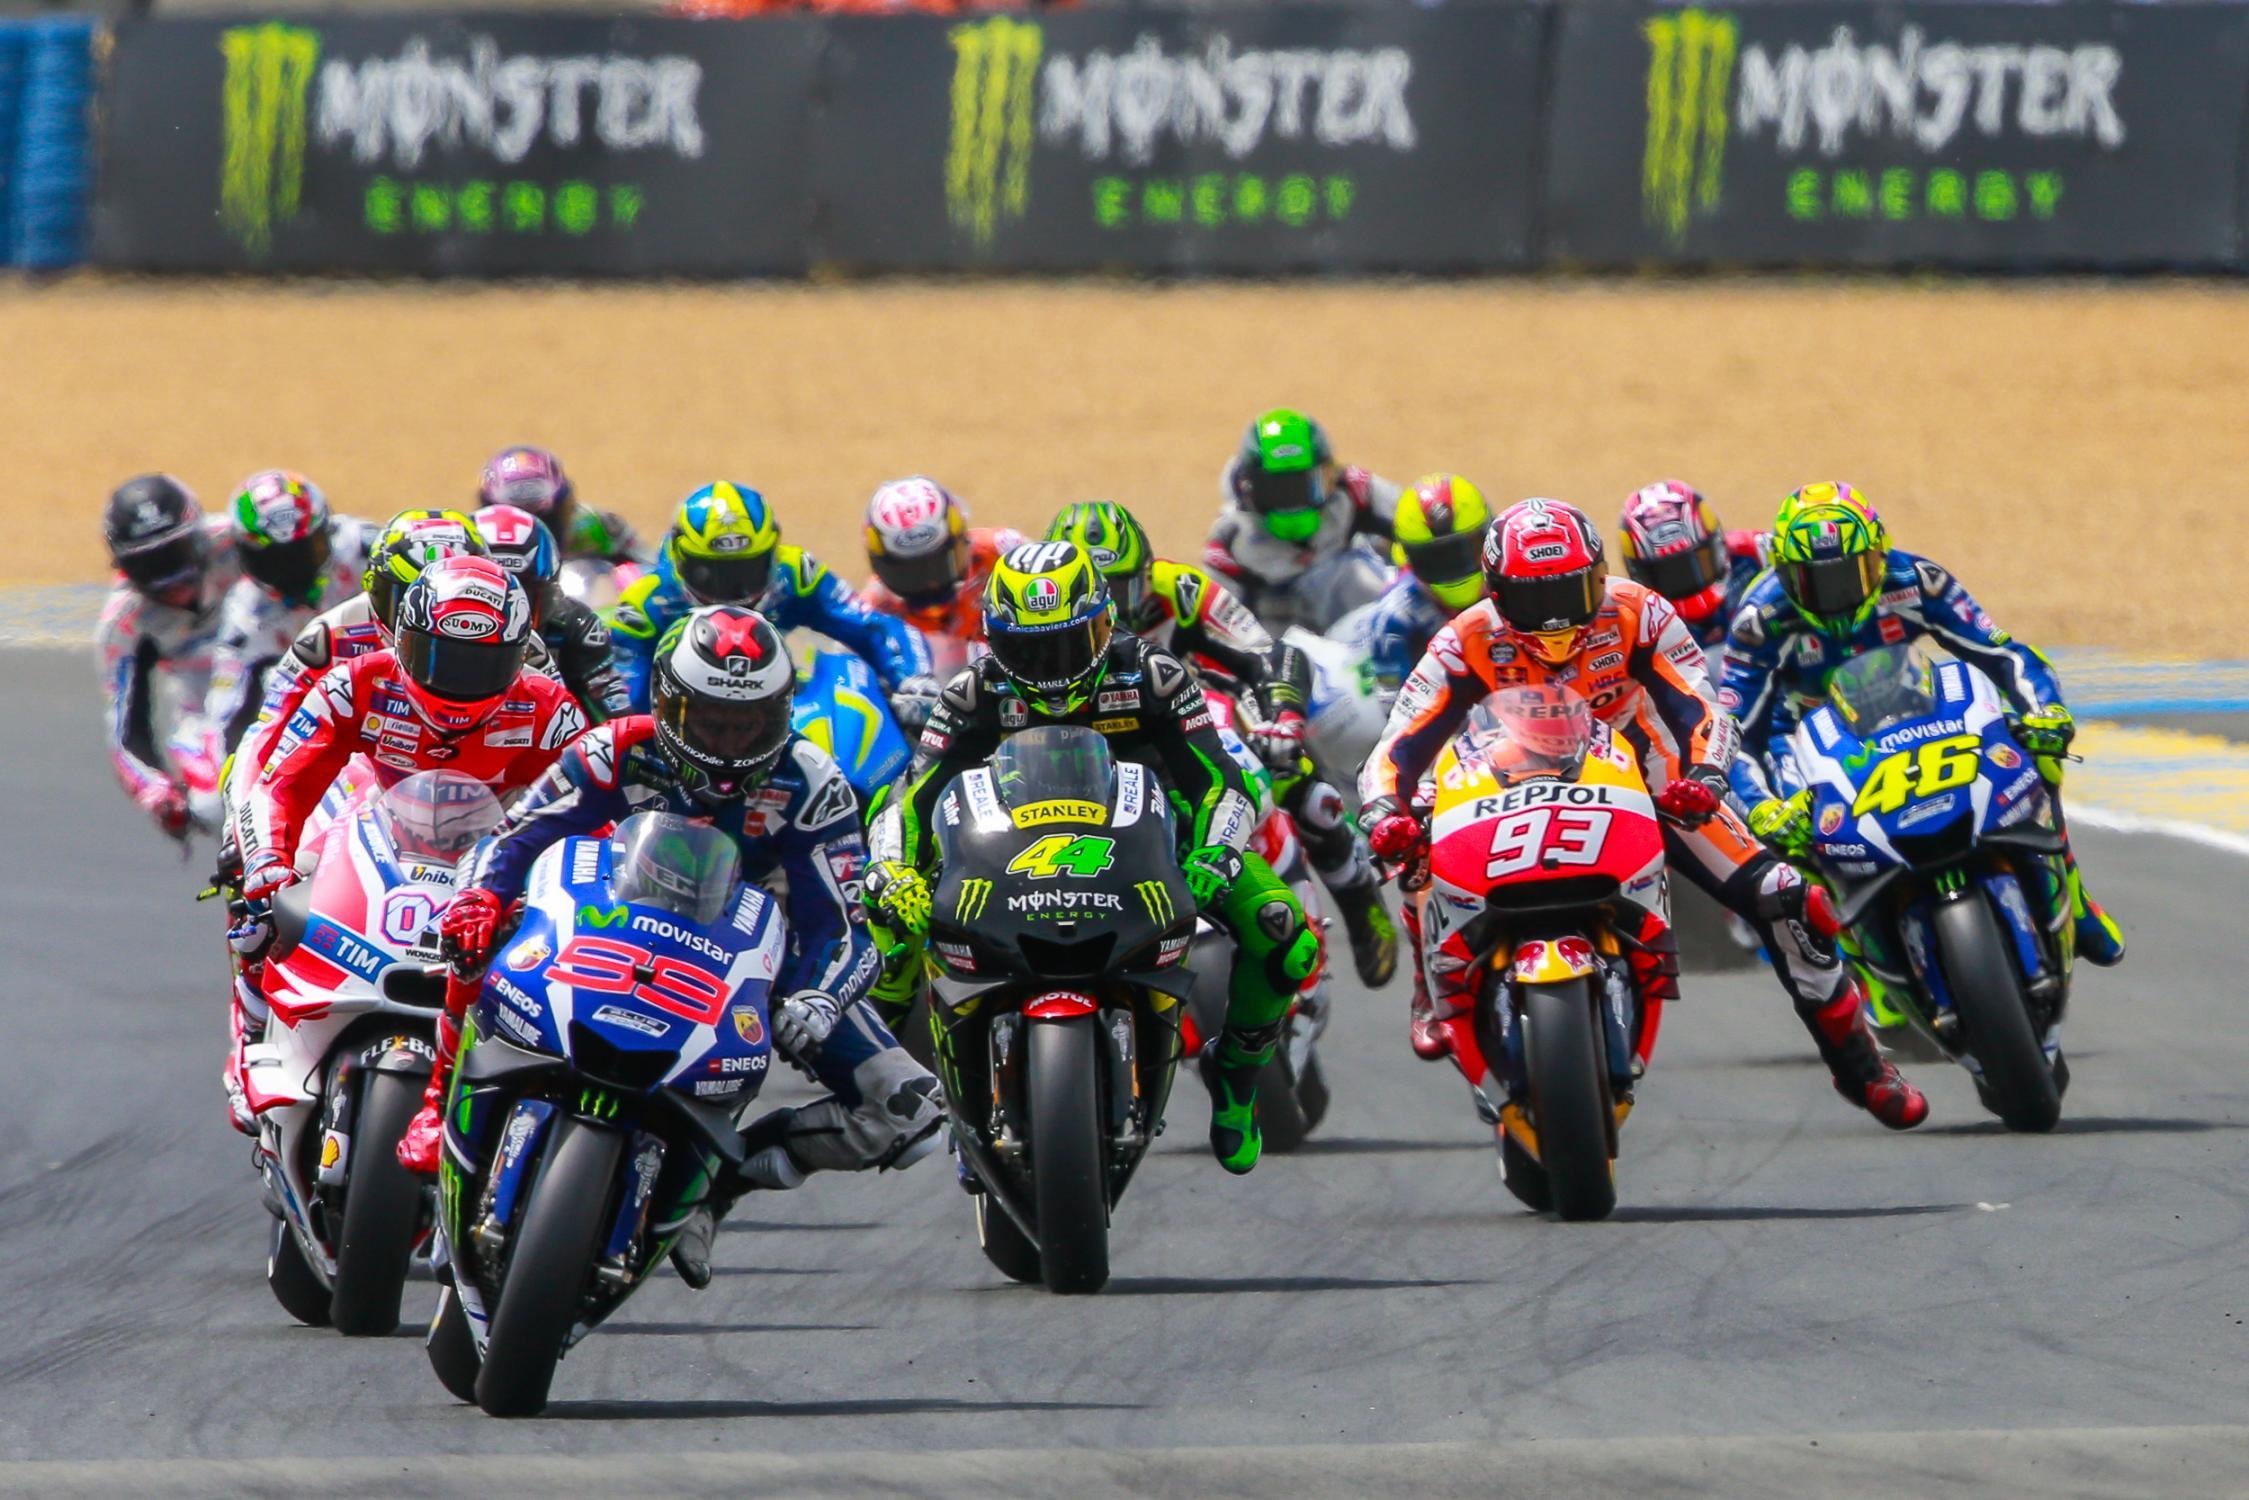 Grand prix de france motogp 2016 la poign e dans l 39 angle for Prix m2 le mans